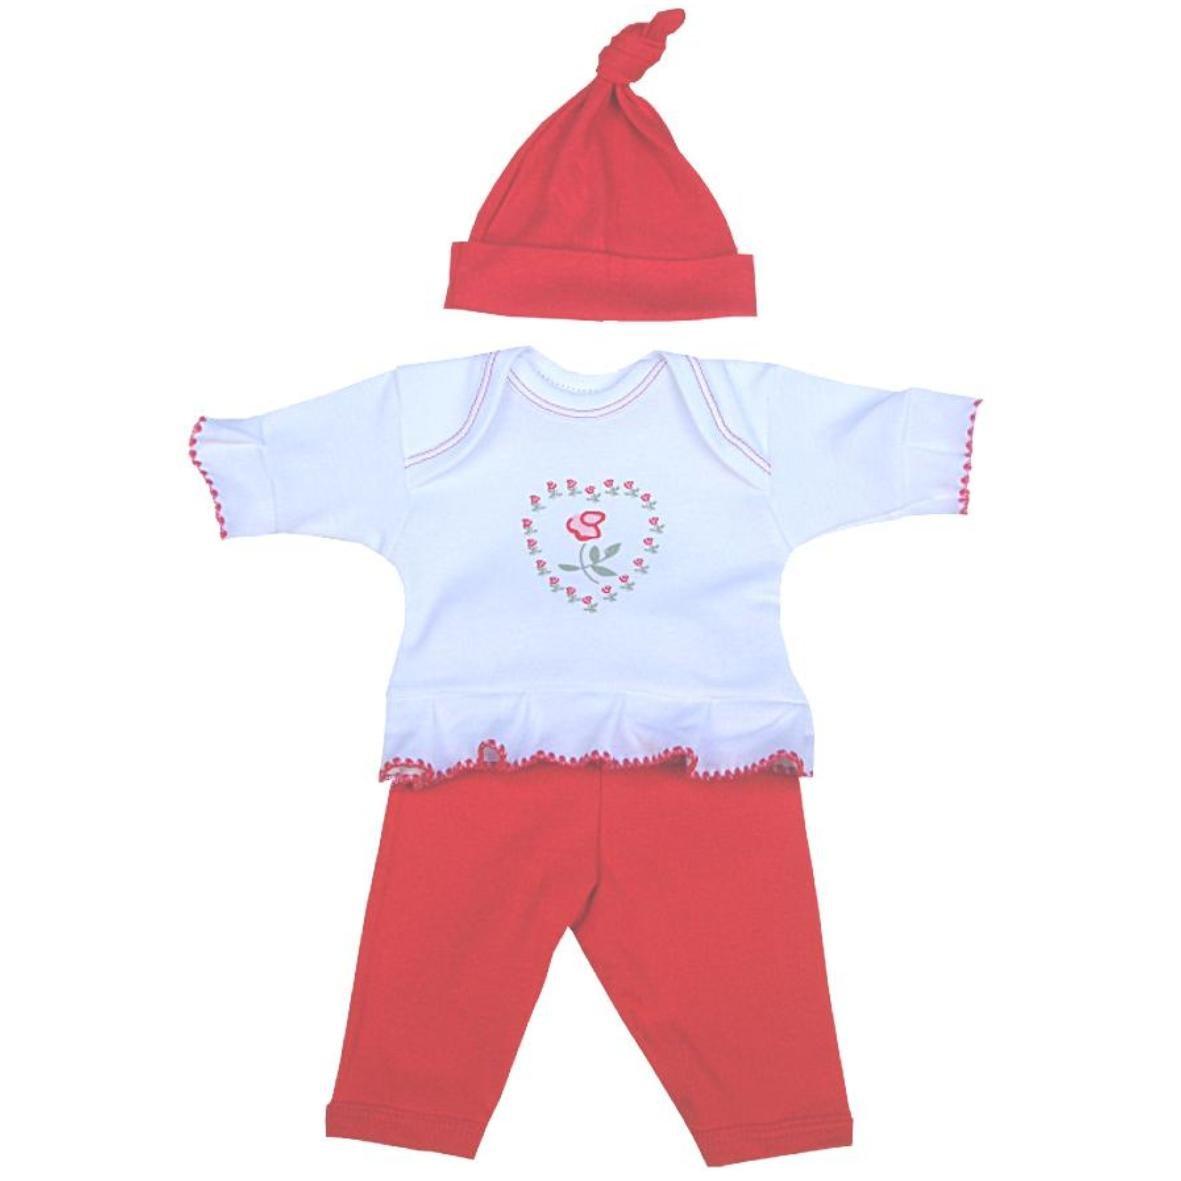 BabyPrem Fr/ühchen Baby Langarm T Shirt M/ütze /& Hosen Set Kleidung 32-50cm